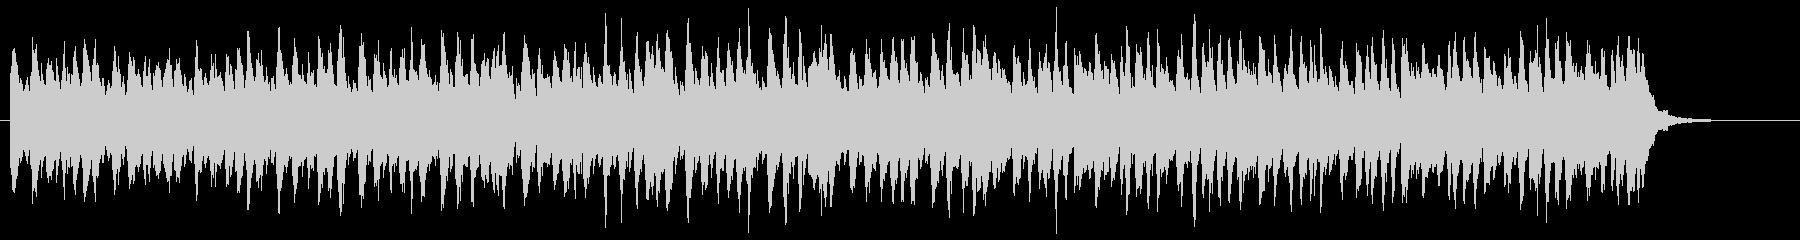 ピアノとストリングスの近未来的なCM音楽の未再生の波形